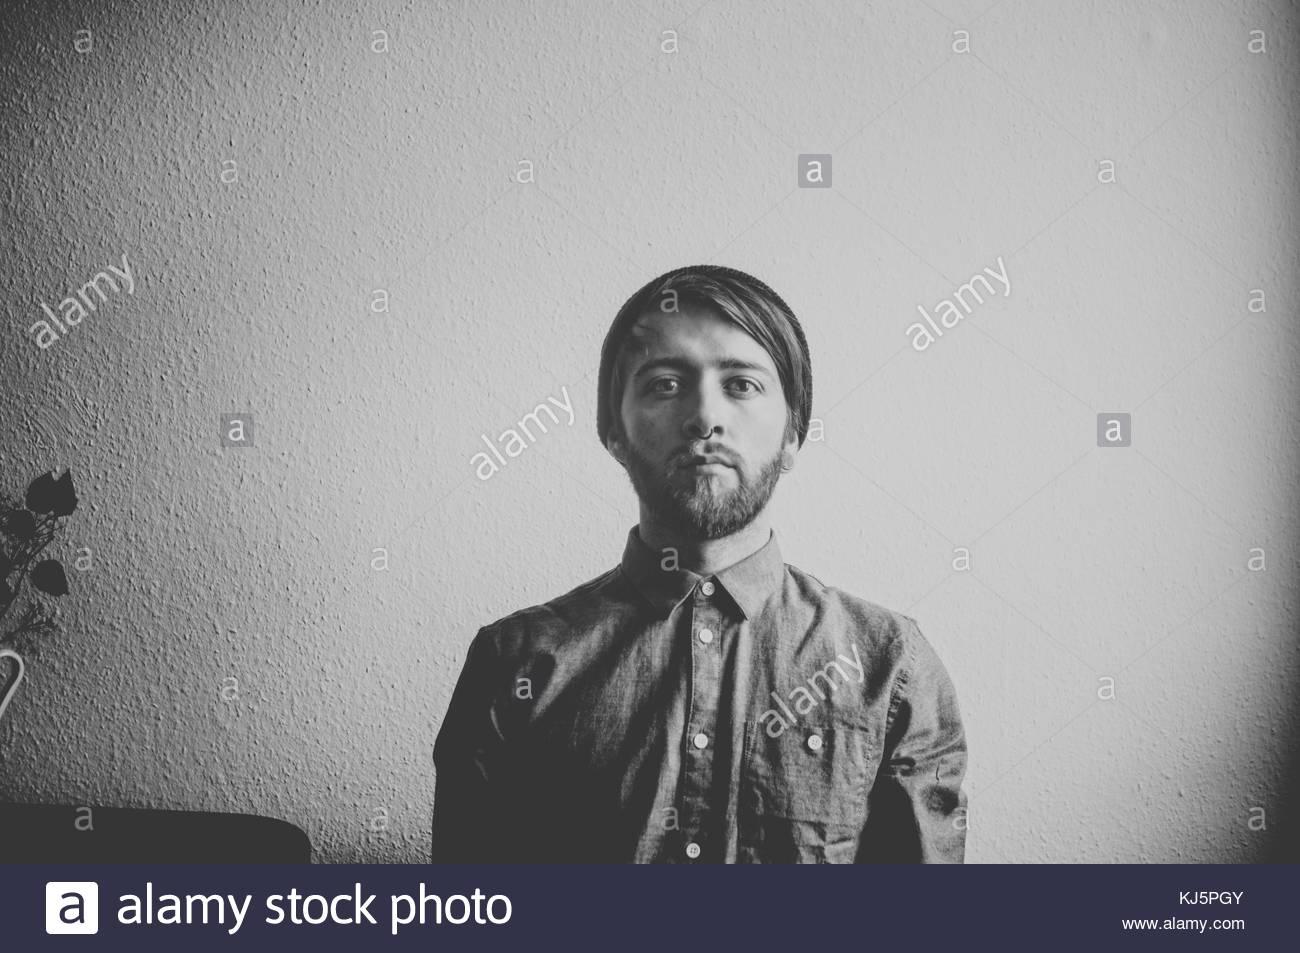 Portrait des jungen Mannes im Hemd Stockbild